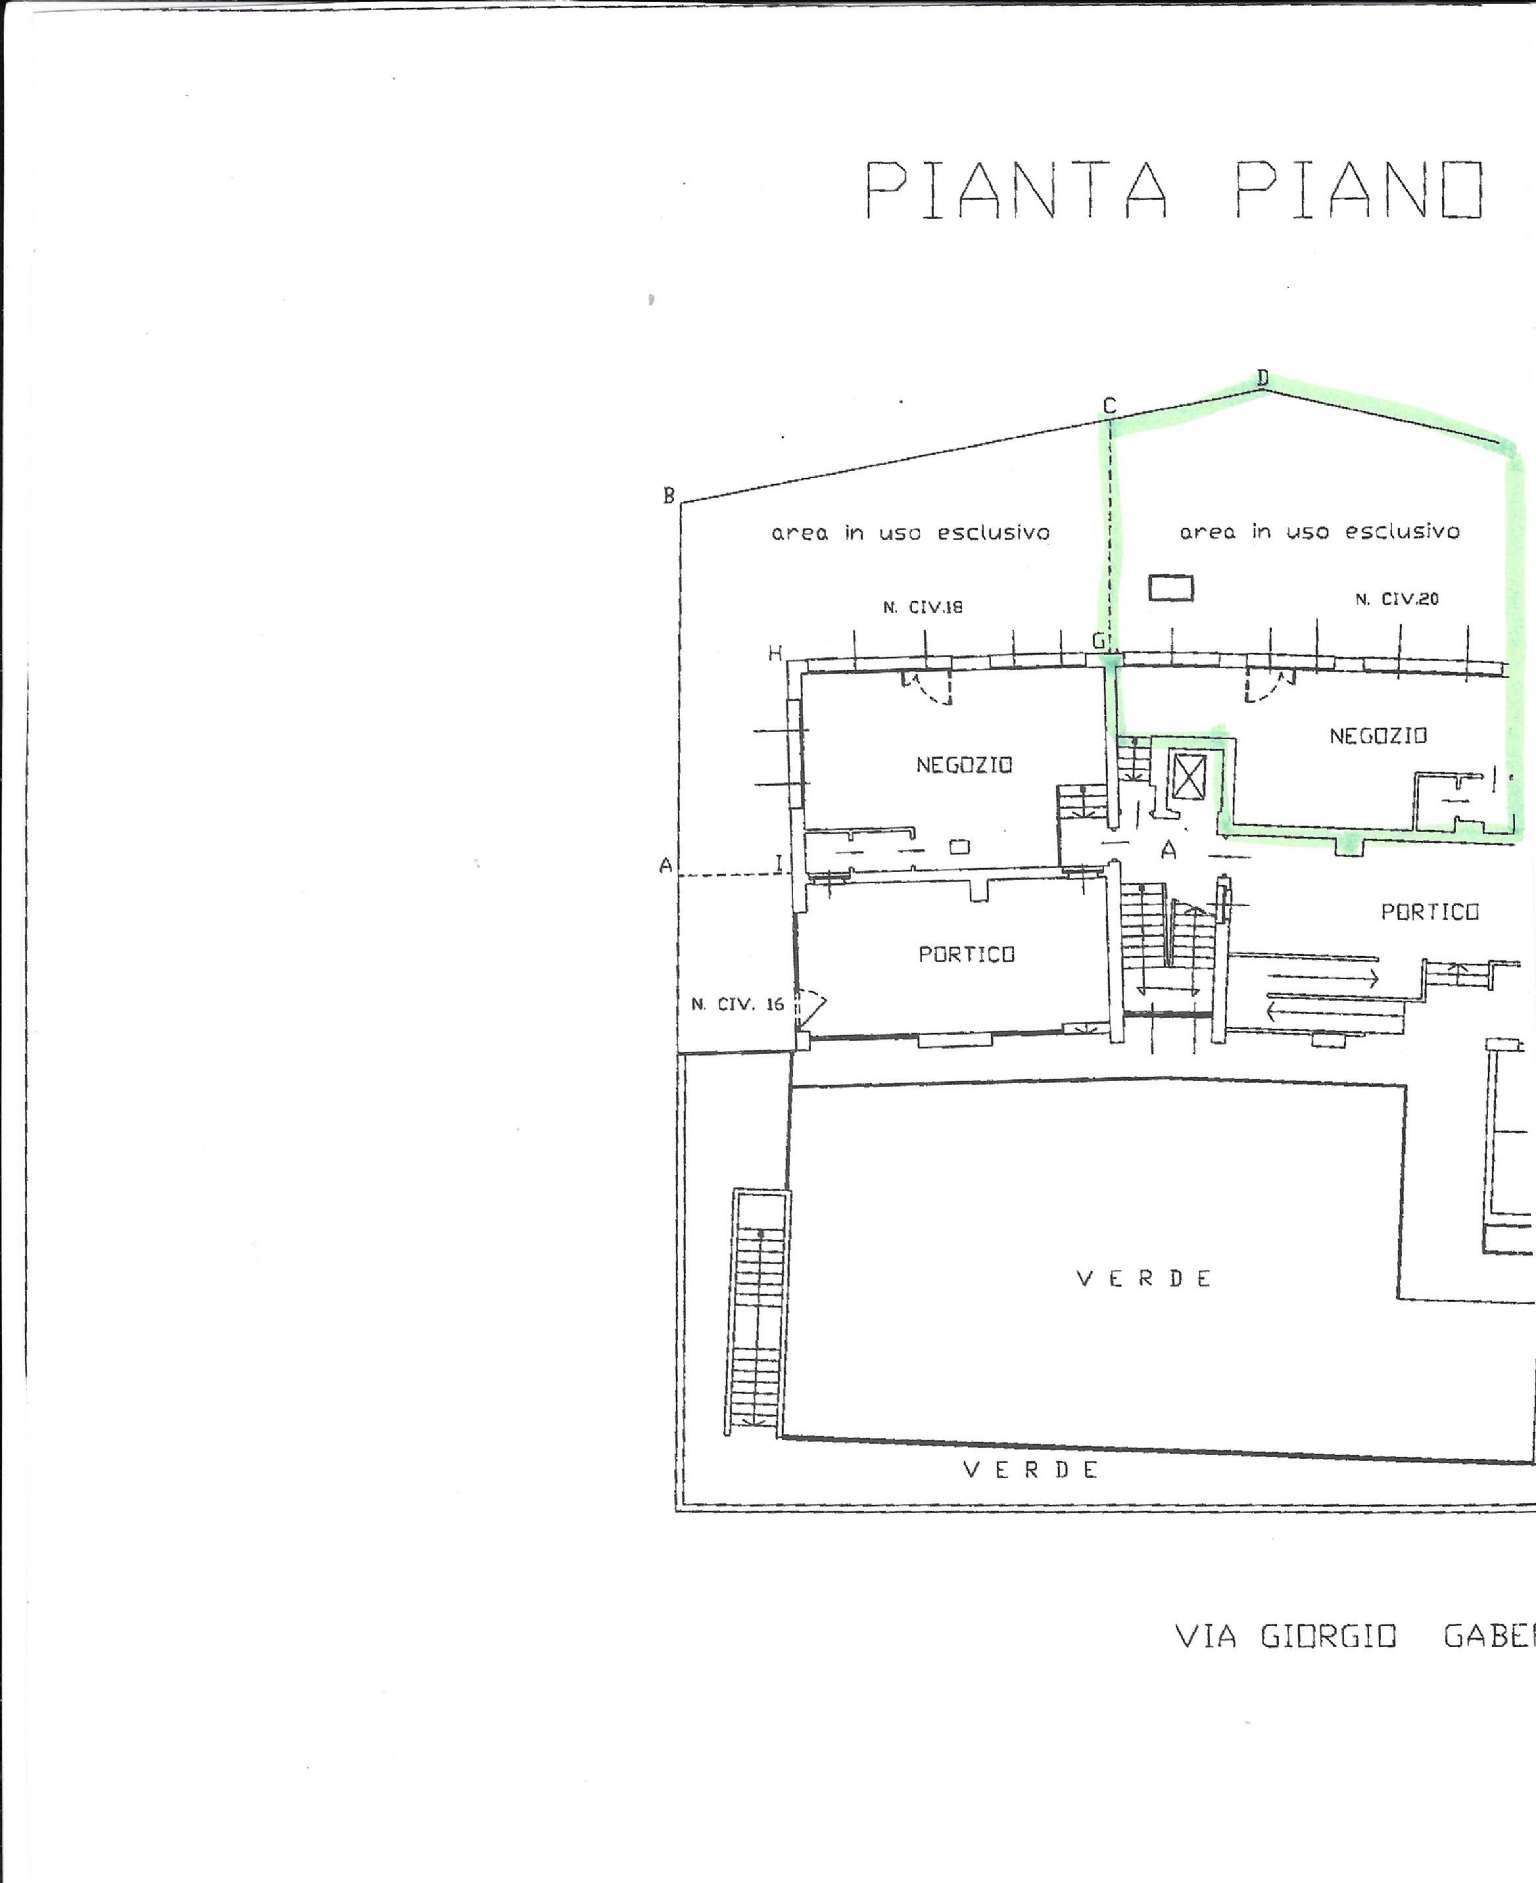 Grugliasco Affitto COMMERCIALI Immagine 1